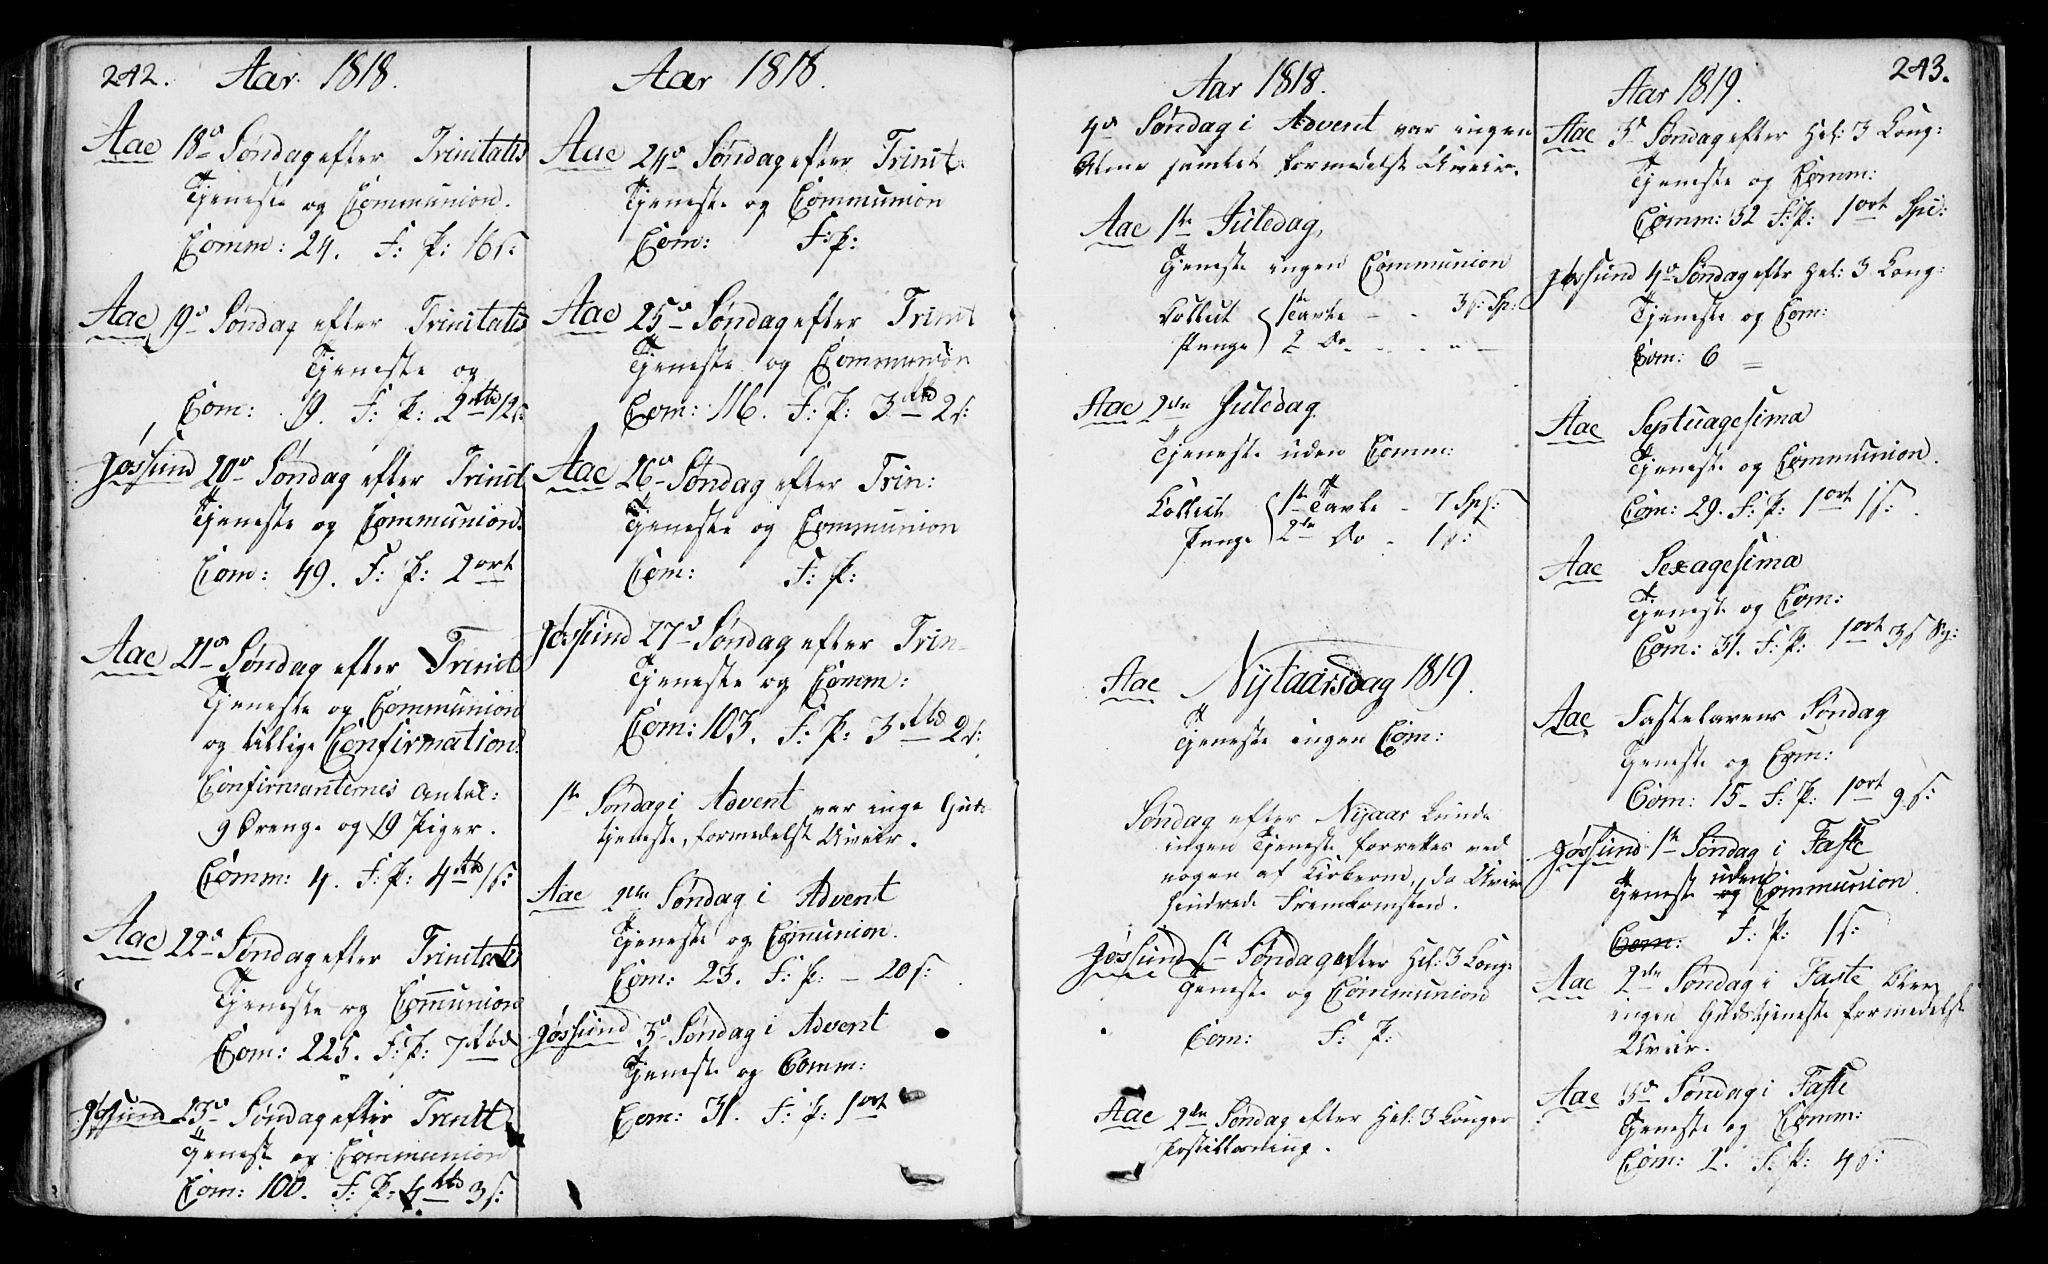 SAT, Ministerialprotokoller, klokkerbøker og fødselsregistre - Sør-Trøndelag, 655/L0674: Ministerialbok nr. 655A03, 1802-1826, s. 242-243